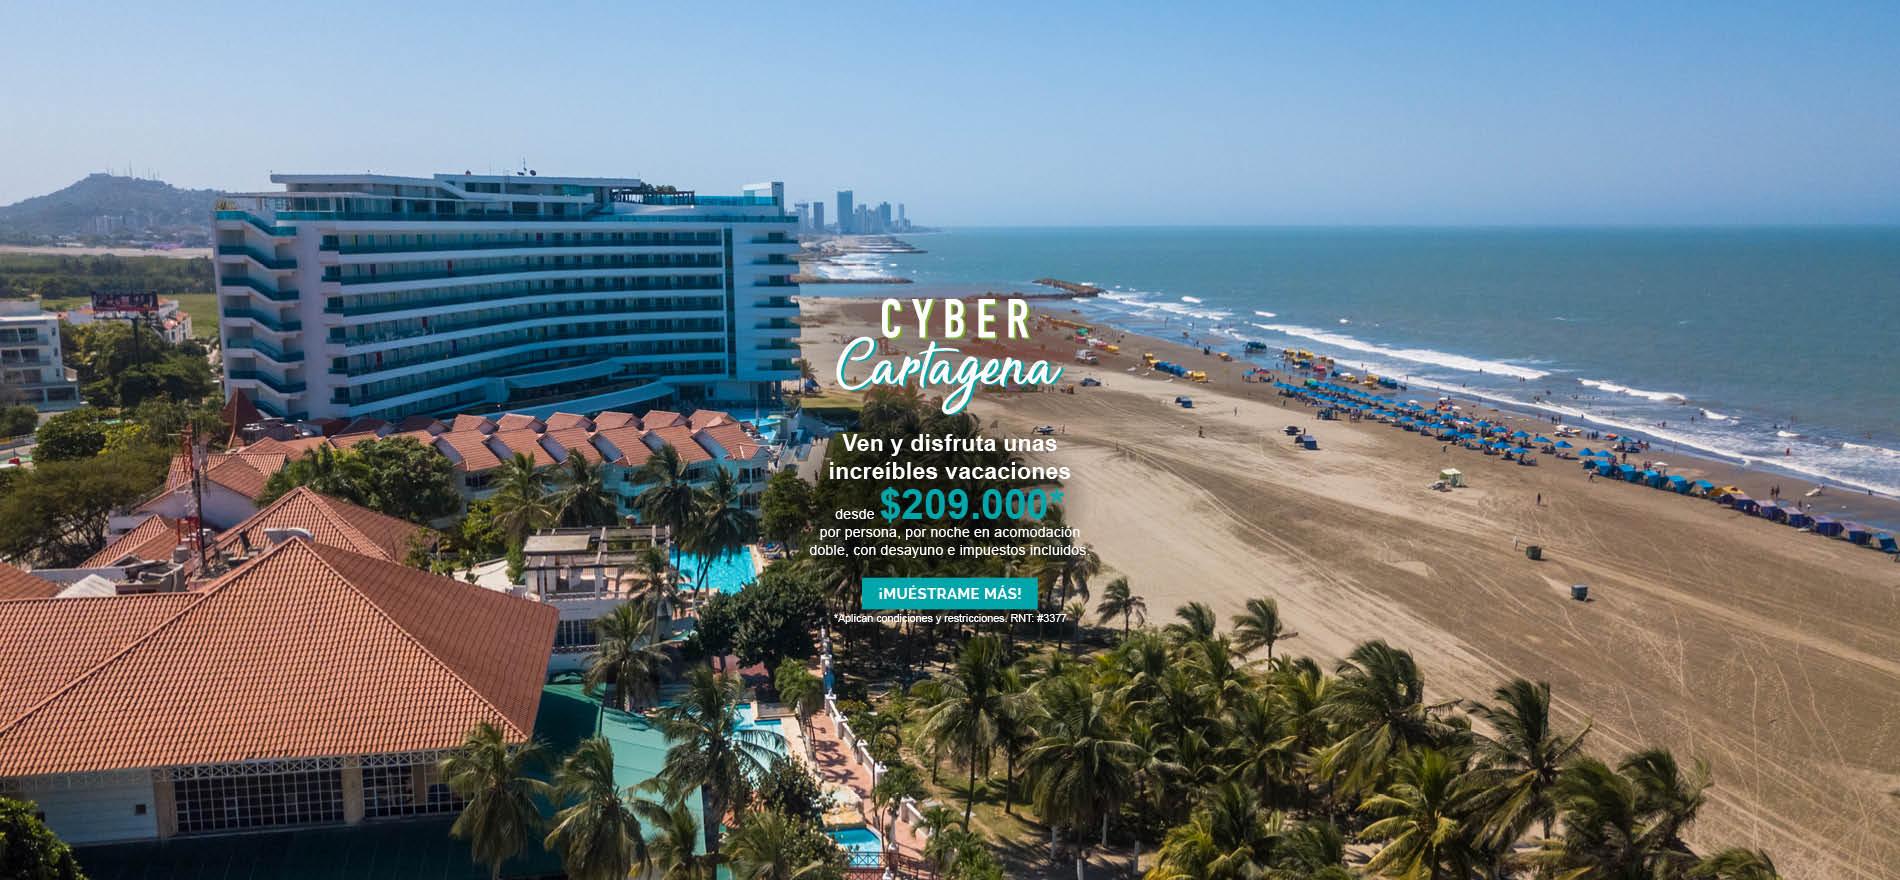 Cyber Cartagena - Hotel las Americas